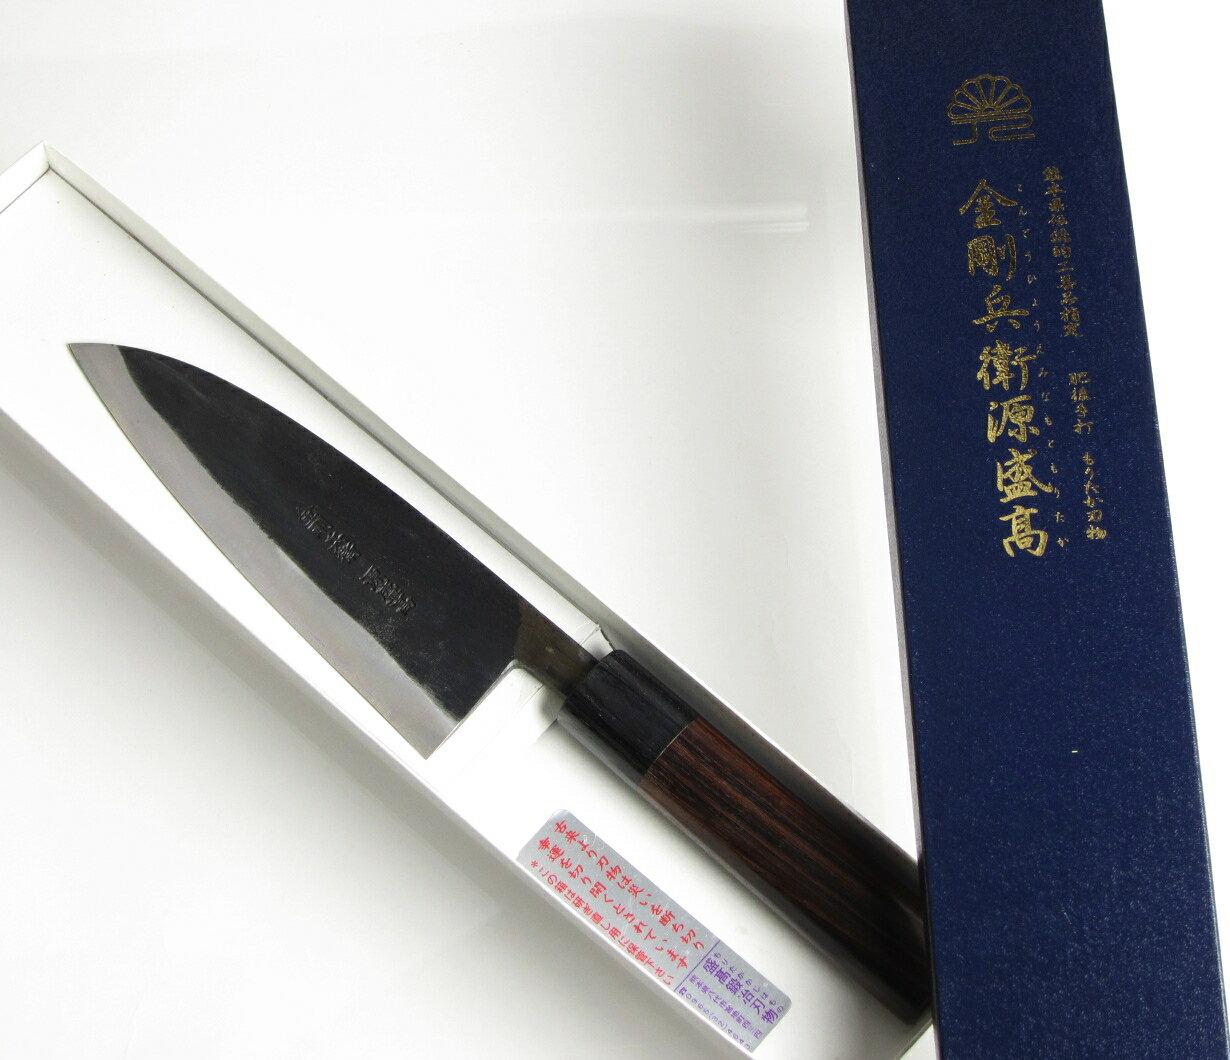 盛高鍛冶刃物『青紙スーパーシリーズ出刃包丁165mm(KD-165)』